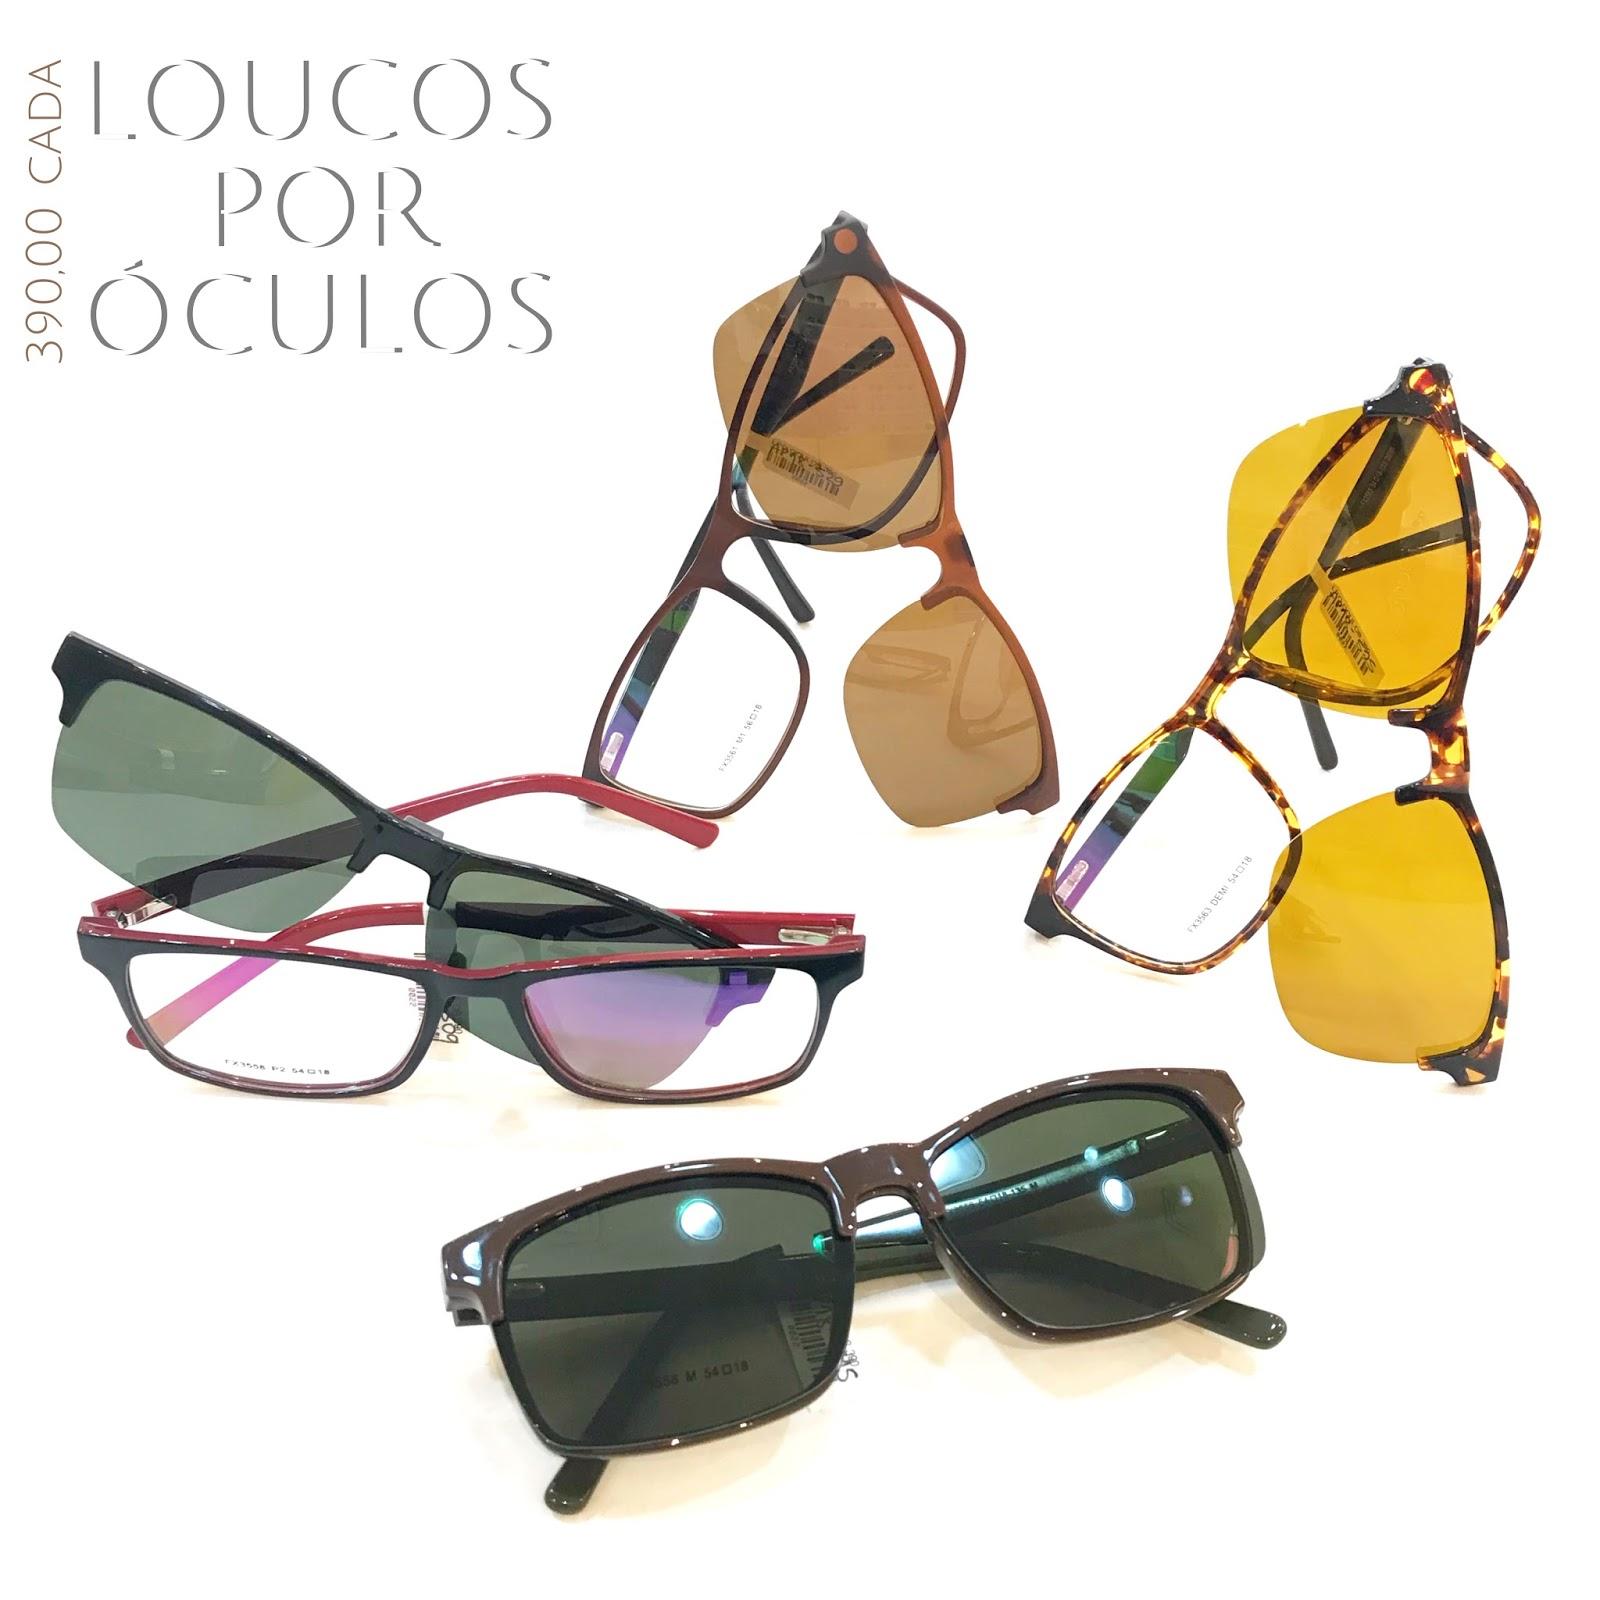 322b9dd7a3b2d Loucos por Óculos  Óculos com Clipon 3 em 1